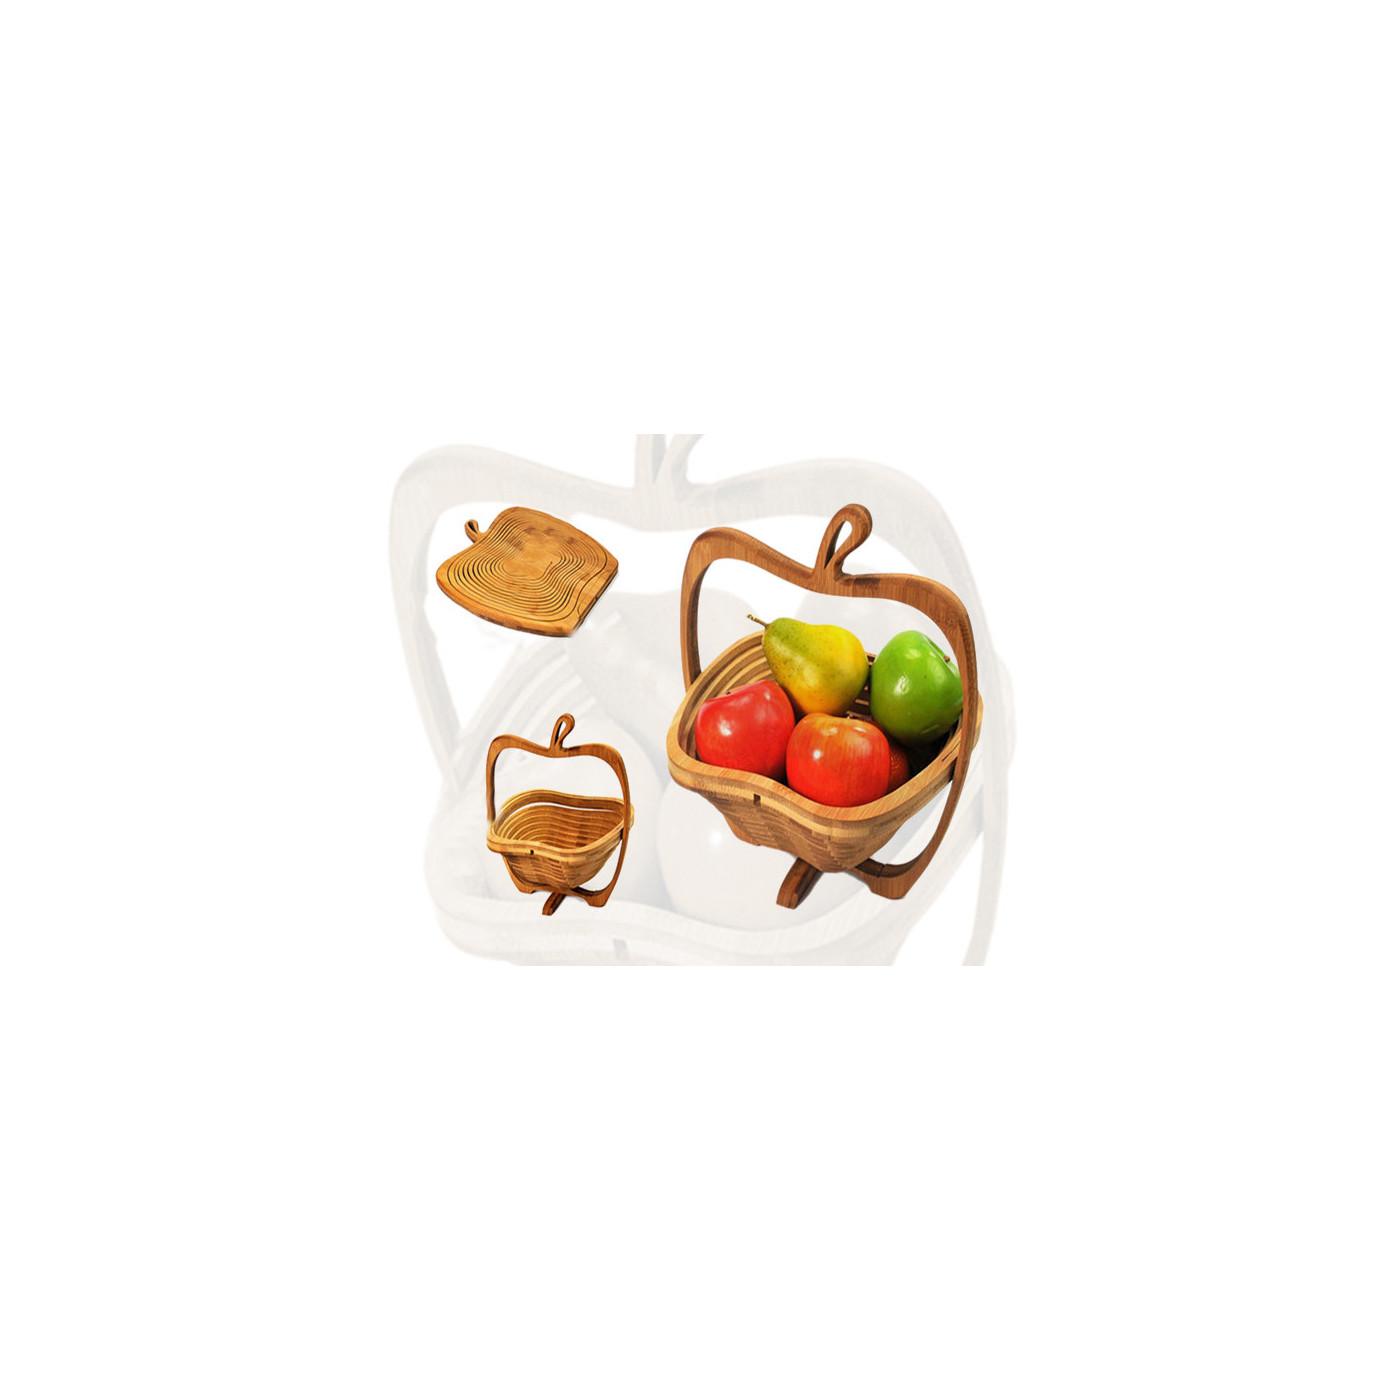 Original Obstschale aus Holz (klappbar)